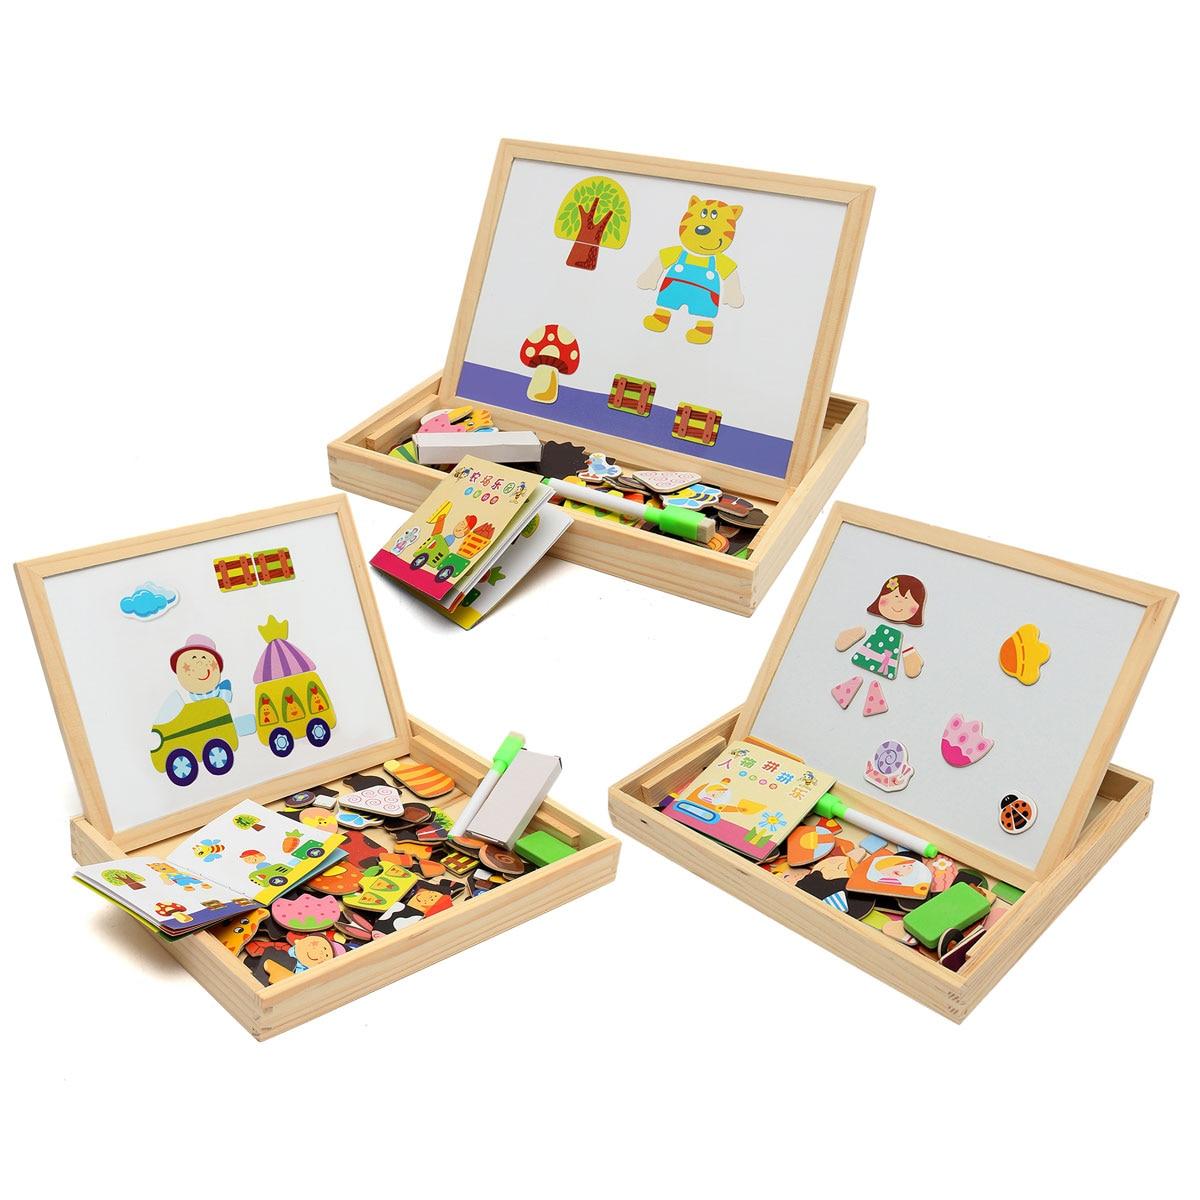 Письменная доска для рисования магнитная доска головоломки двойной станковой малыш деревянная игрушка подарок развития интеллекта детей ...